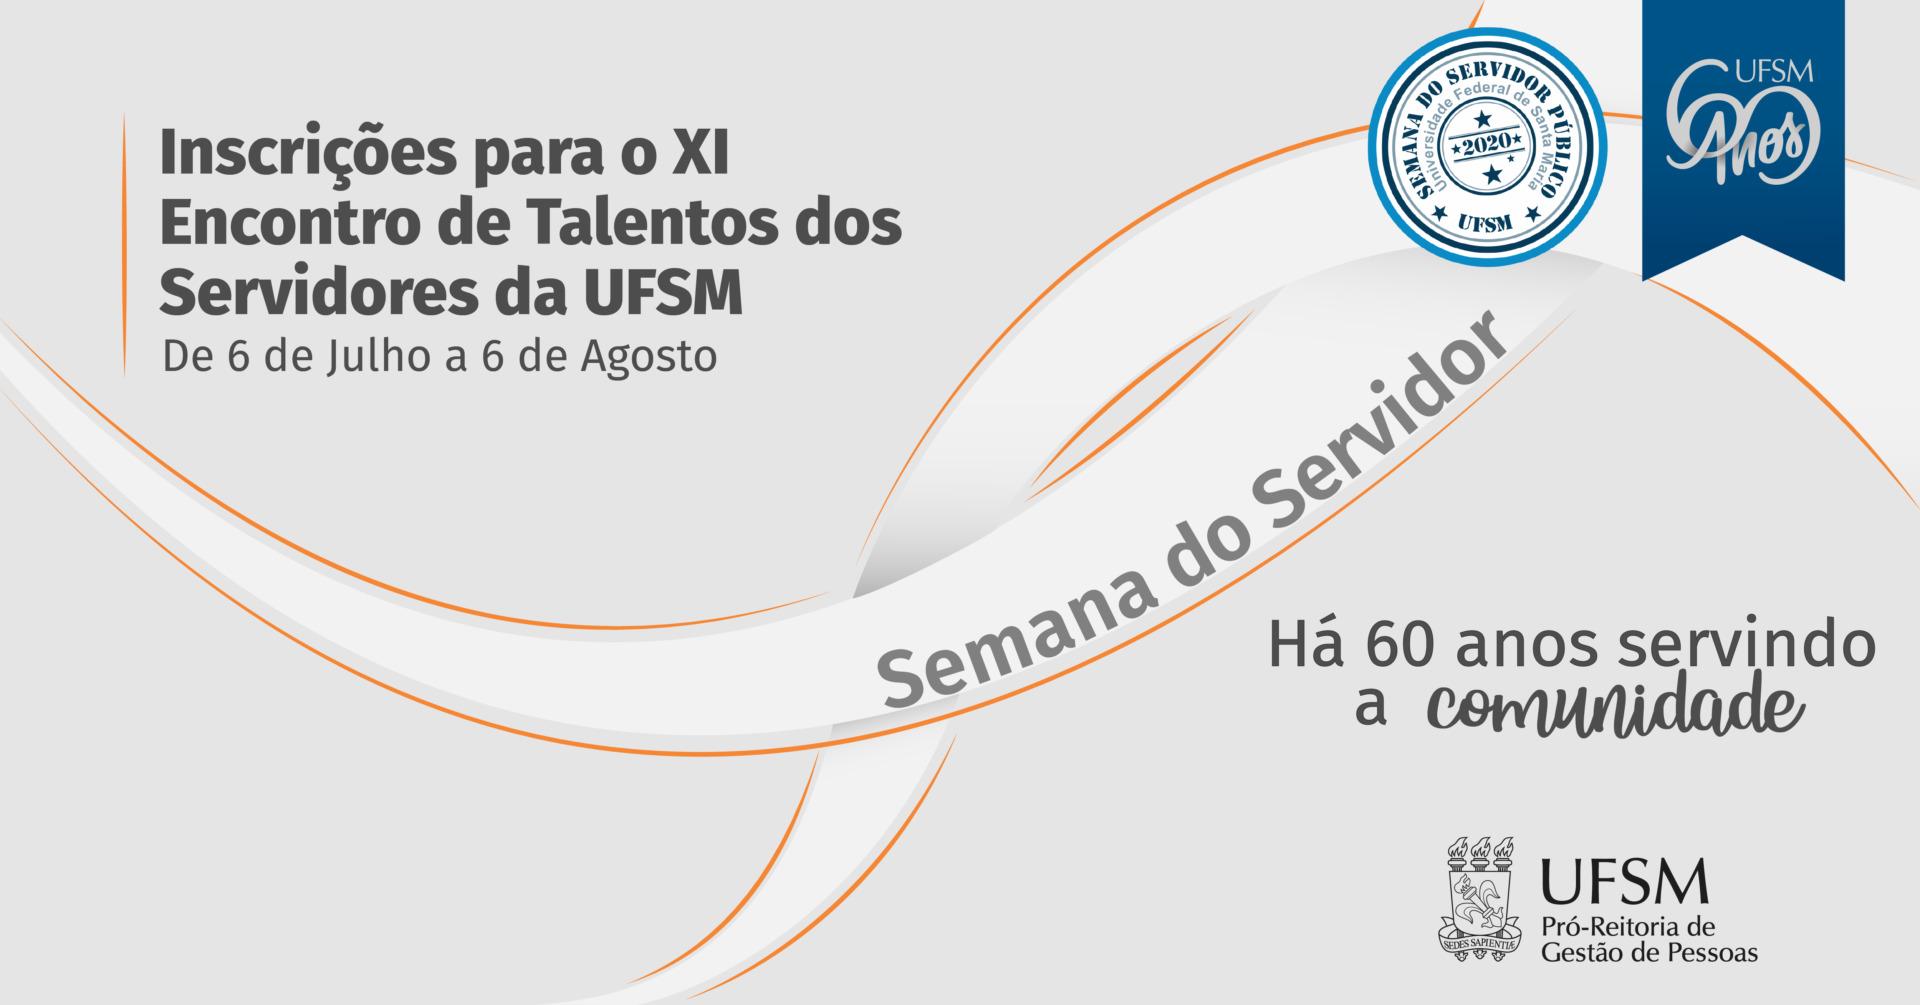 Inscrições para o 11º Encontro de Talentos dos Servidores da UFSM